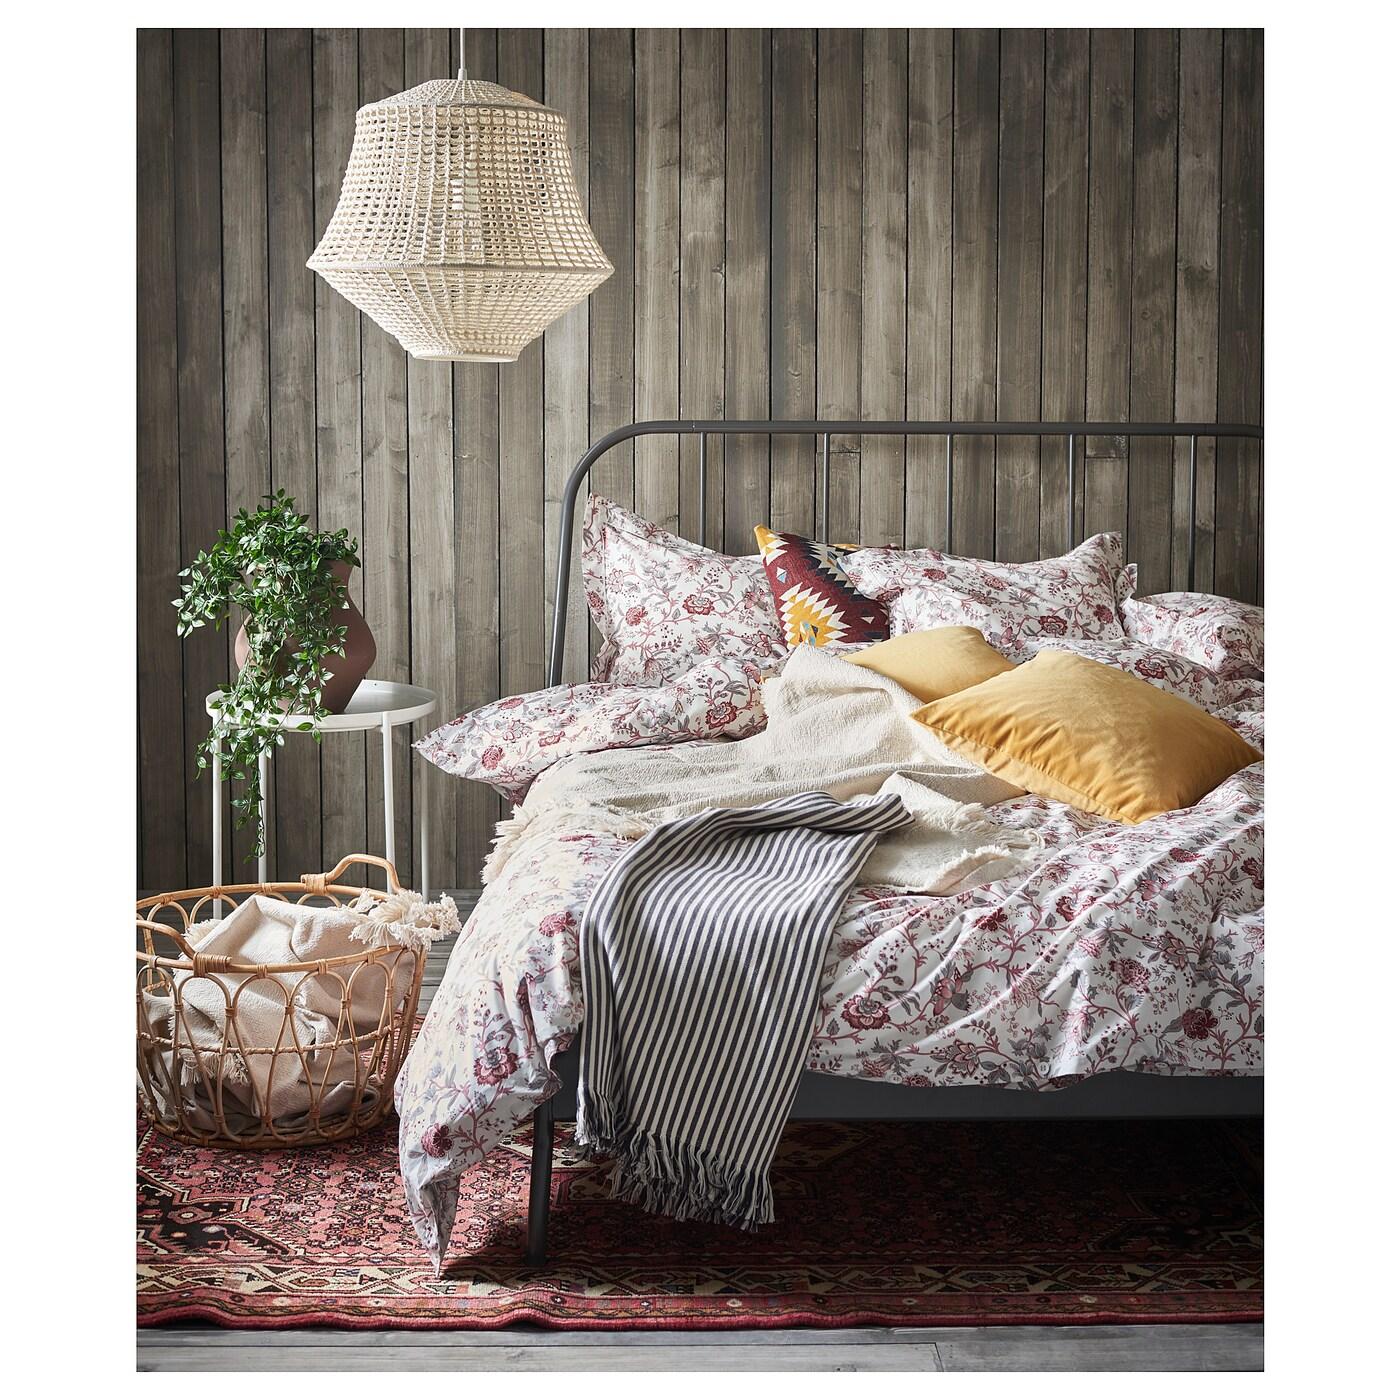 Kopardal estructura cama gris 140 x 200 cm ikea - Estructura cama ...